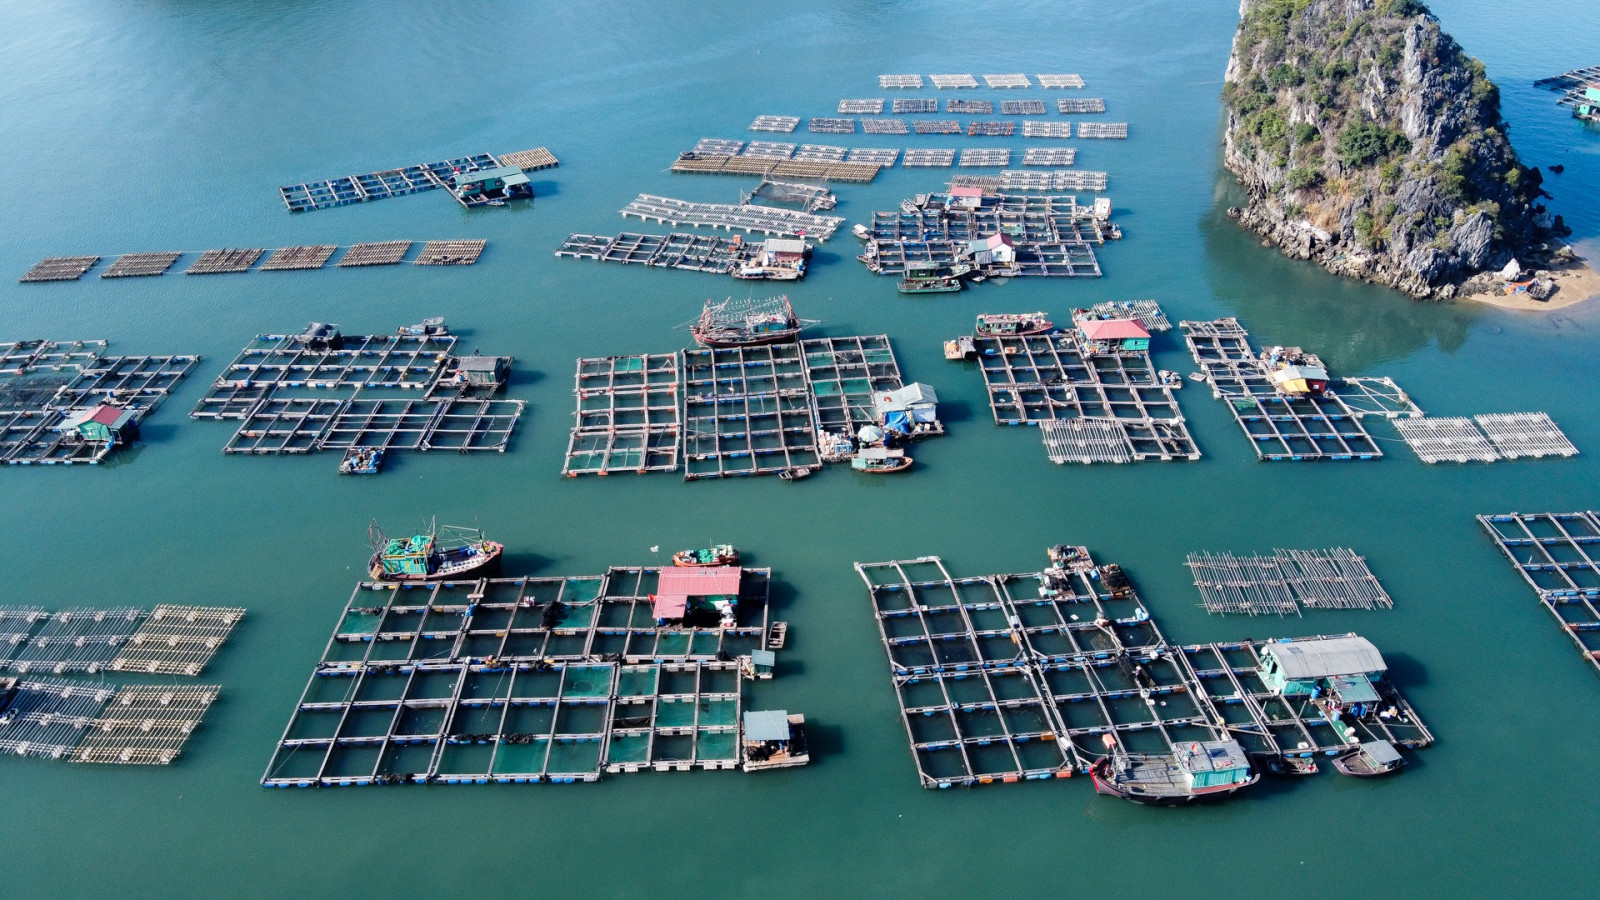 Nuôi cá lồng bè tại đảo Ông Cụ (TP.Cẩm Phả, Quảng Ninh).